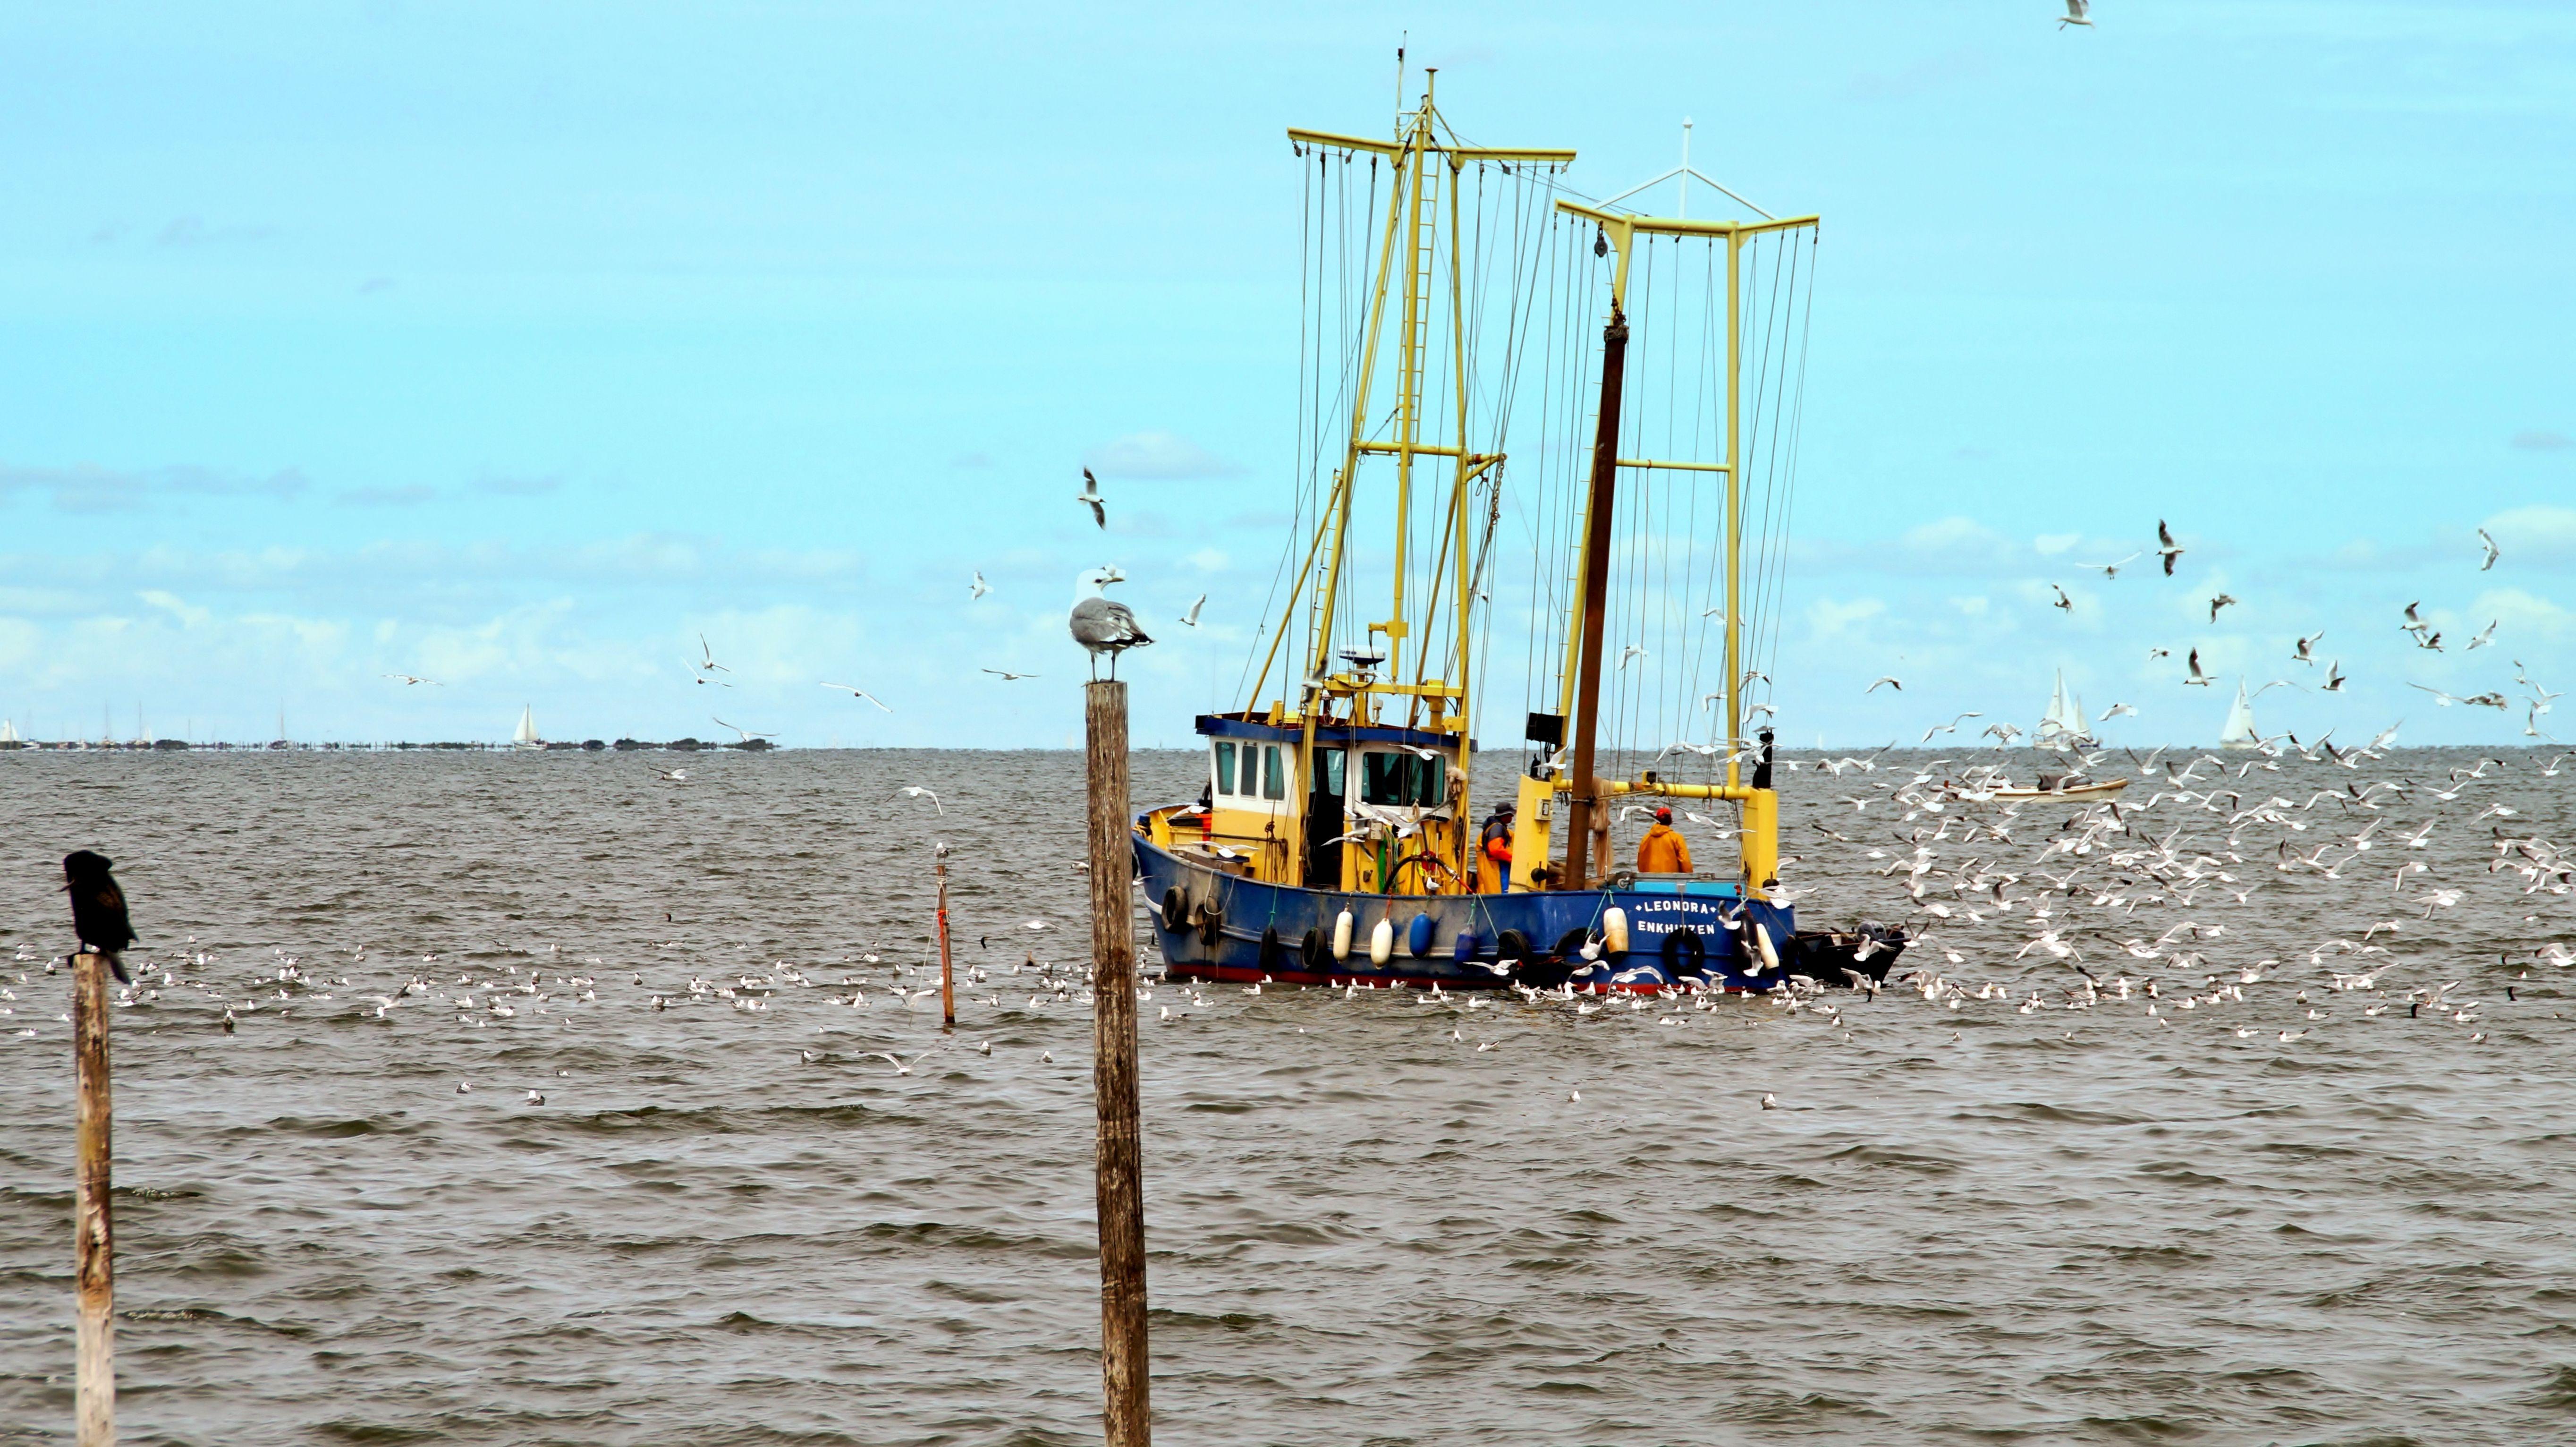 Ze zitten in Andijk écht niet te wachten op moerasgebied in het IJsselmeer. En dat zullen ze Rijkswaterstaat laten weten